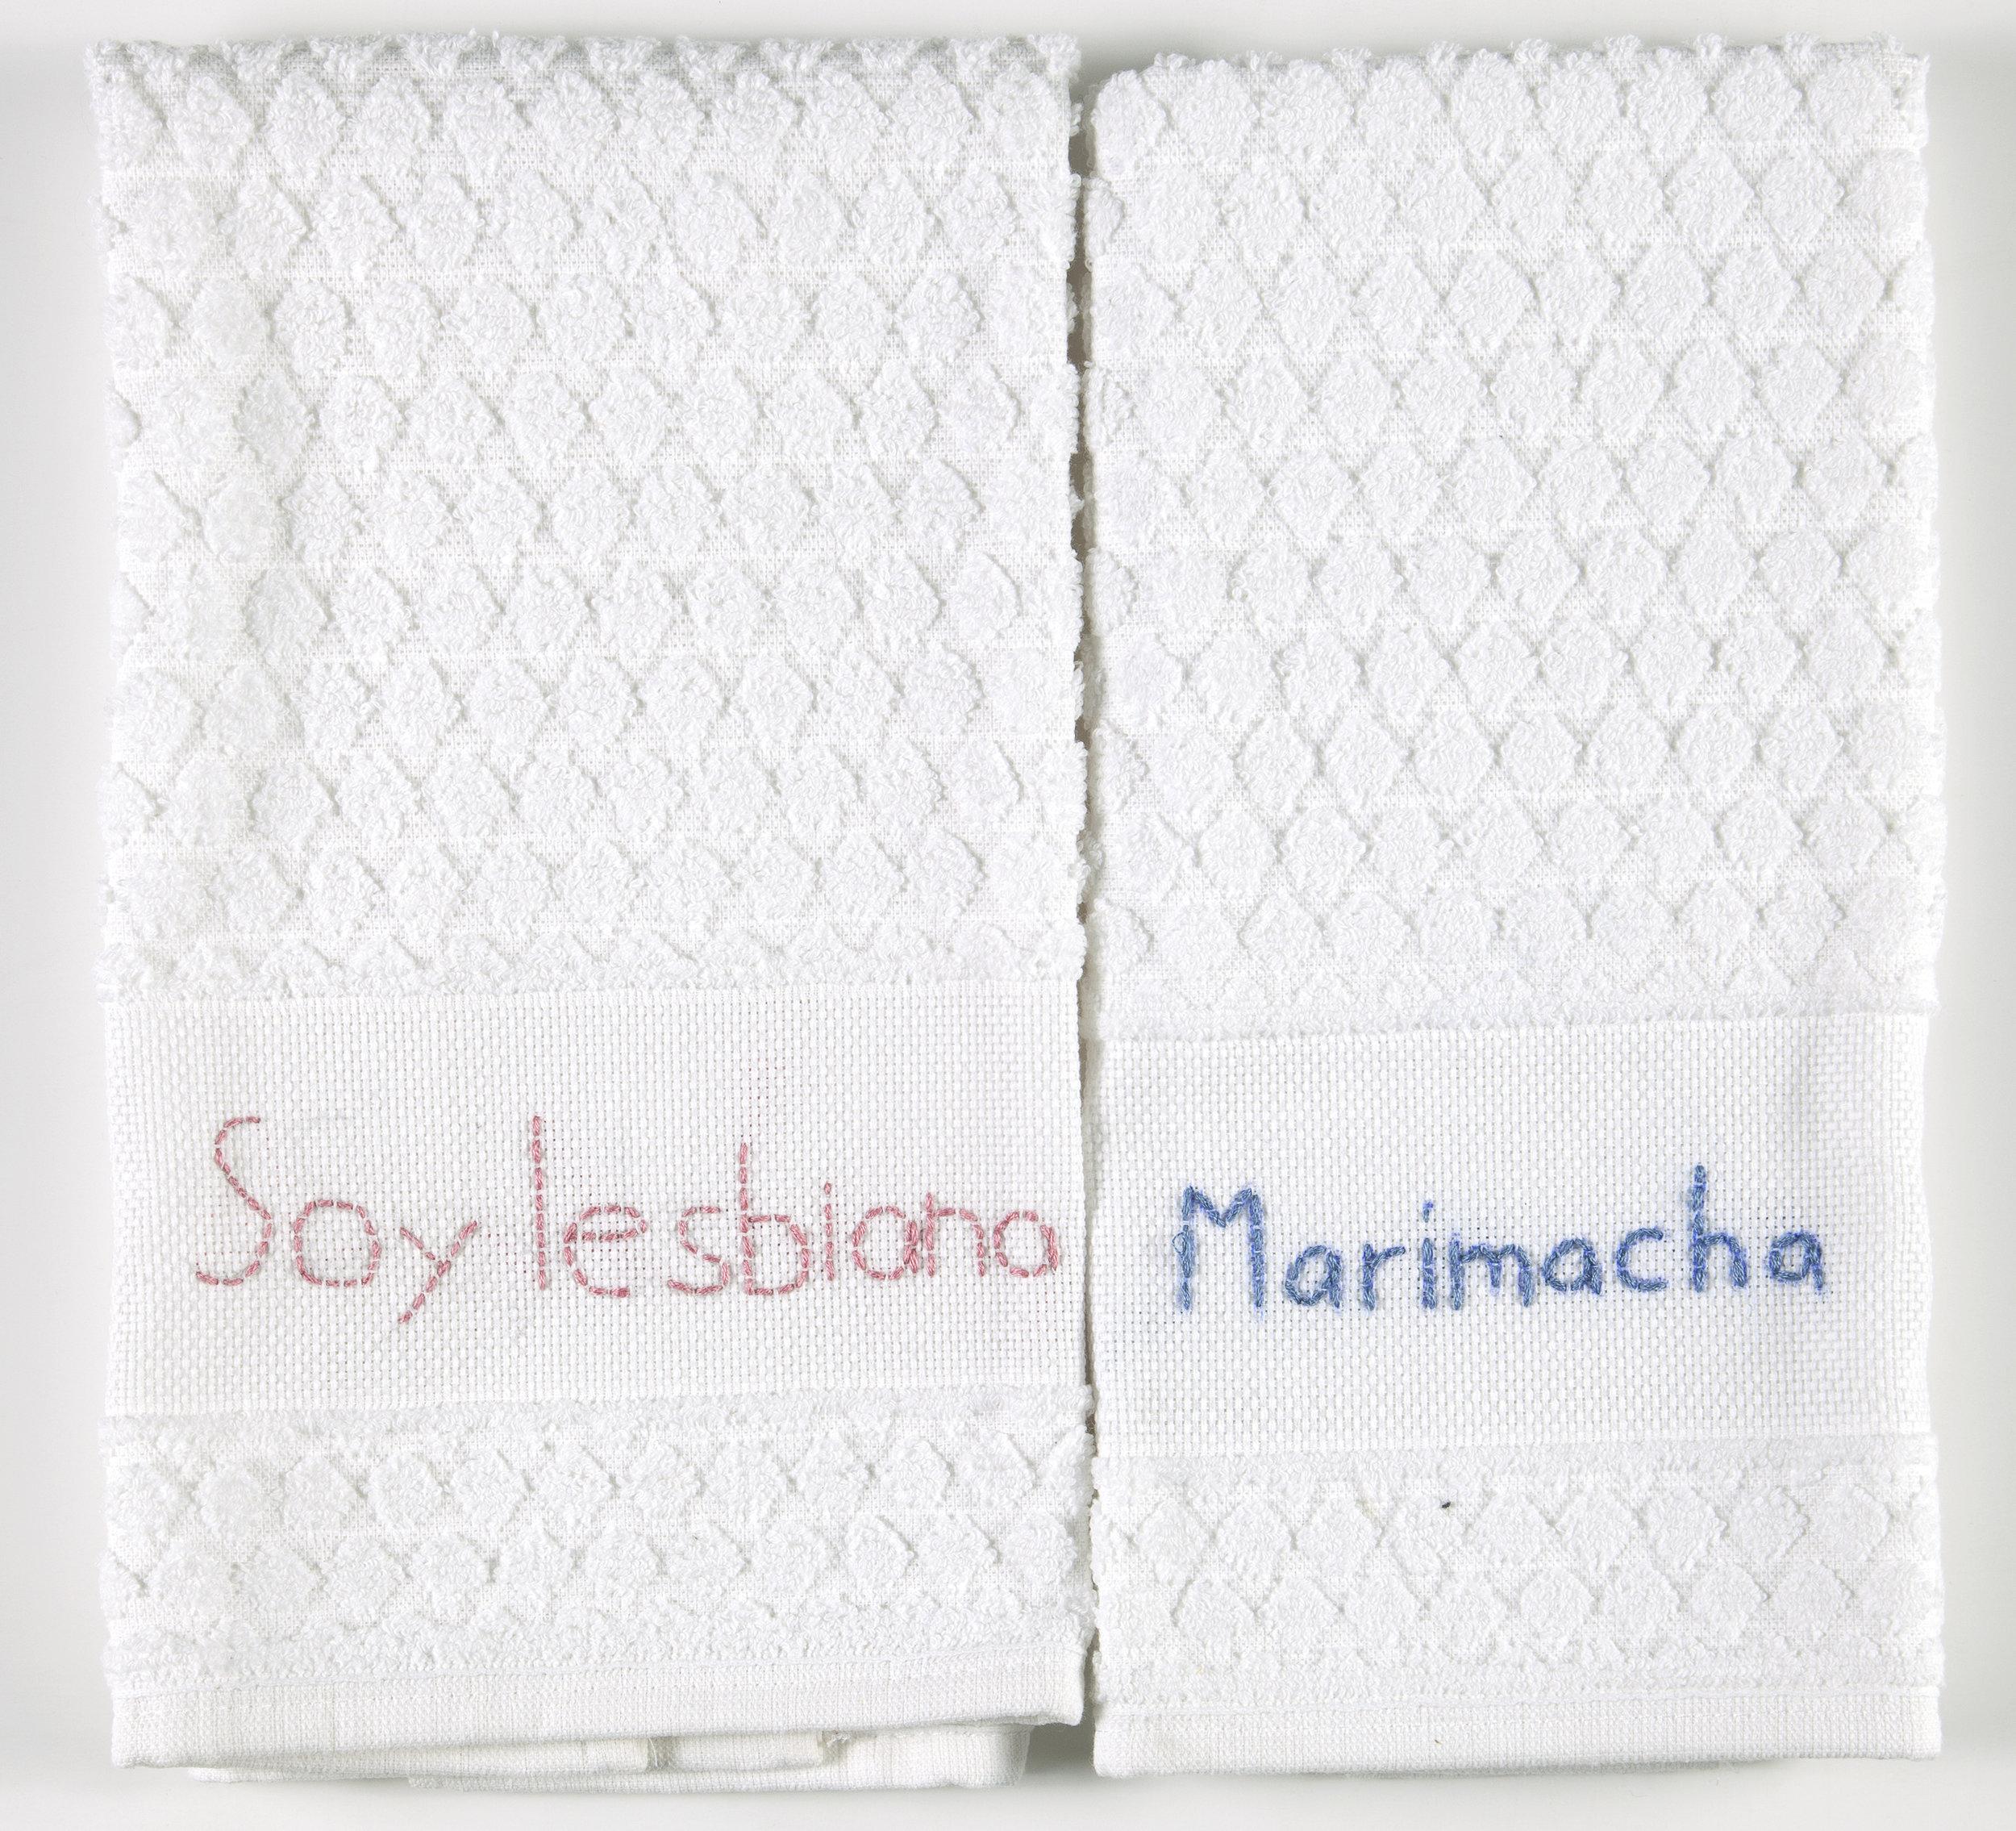 soy_lesbiana_y_marimacha.jpg